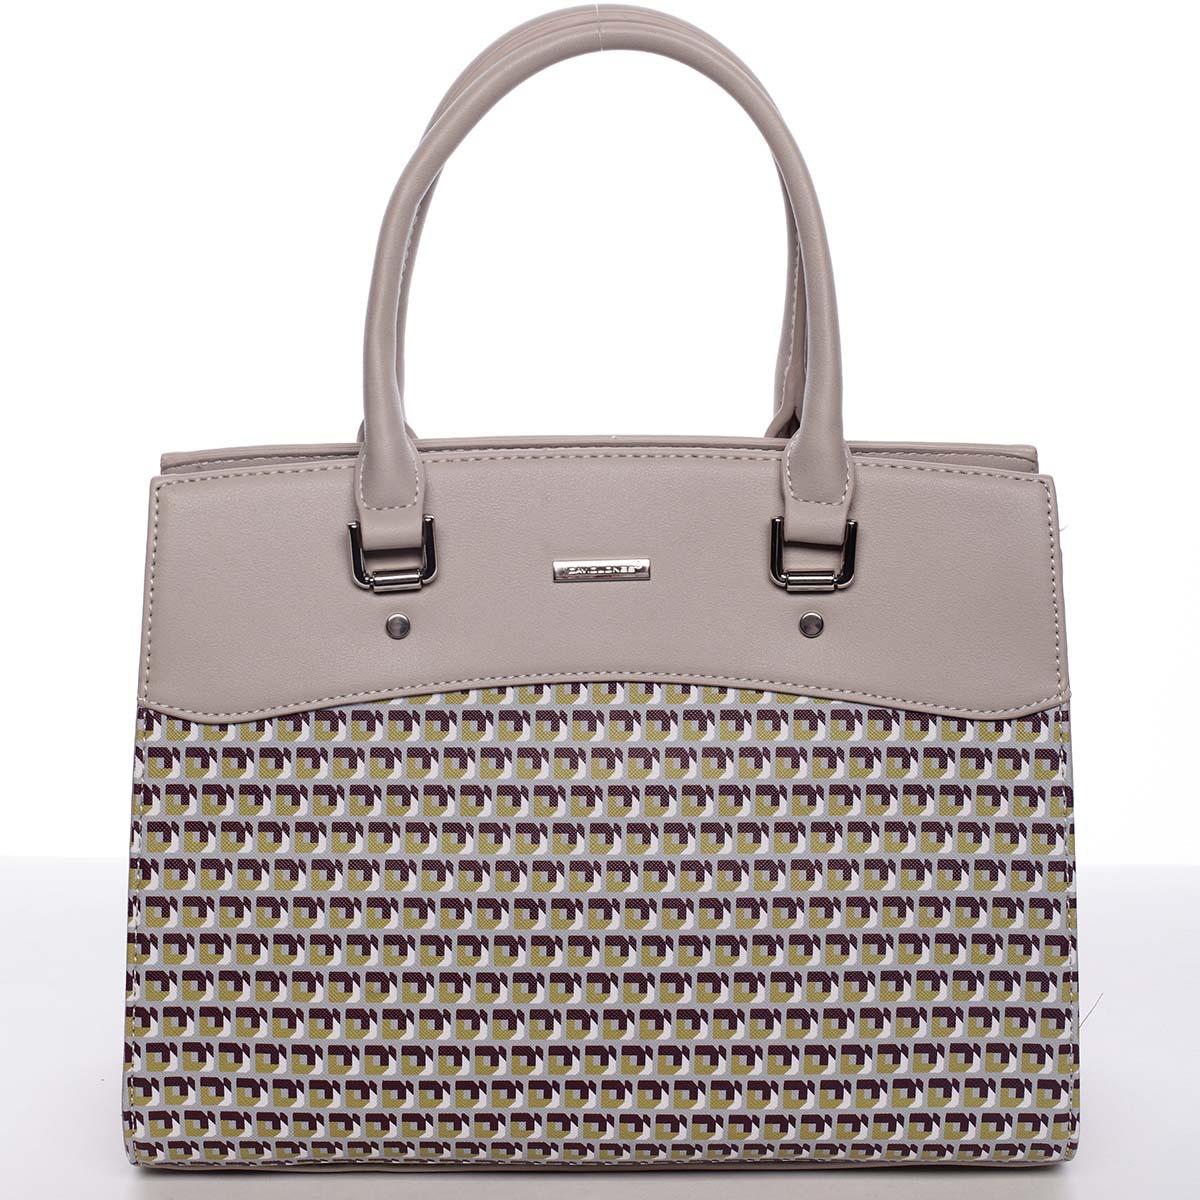 Exkluzivní světle šedá dámská kabelka do ruky - David Jones Kimberly